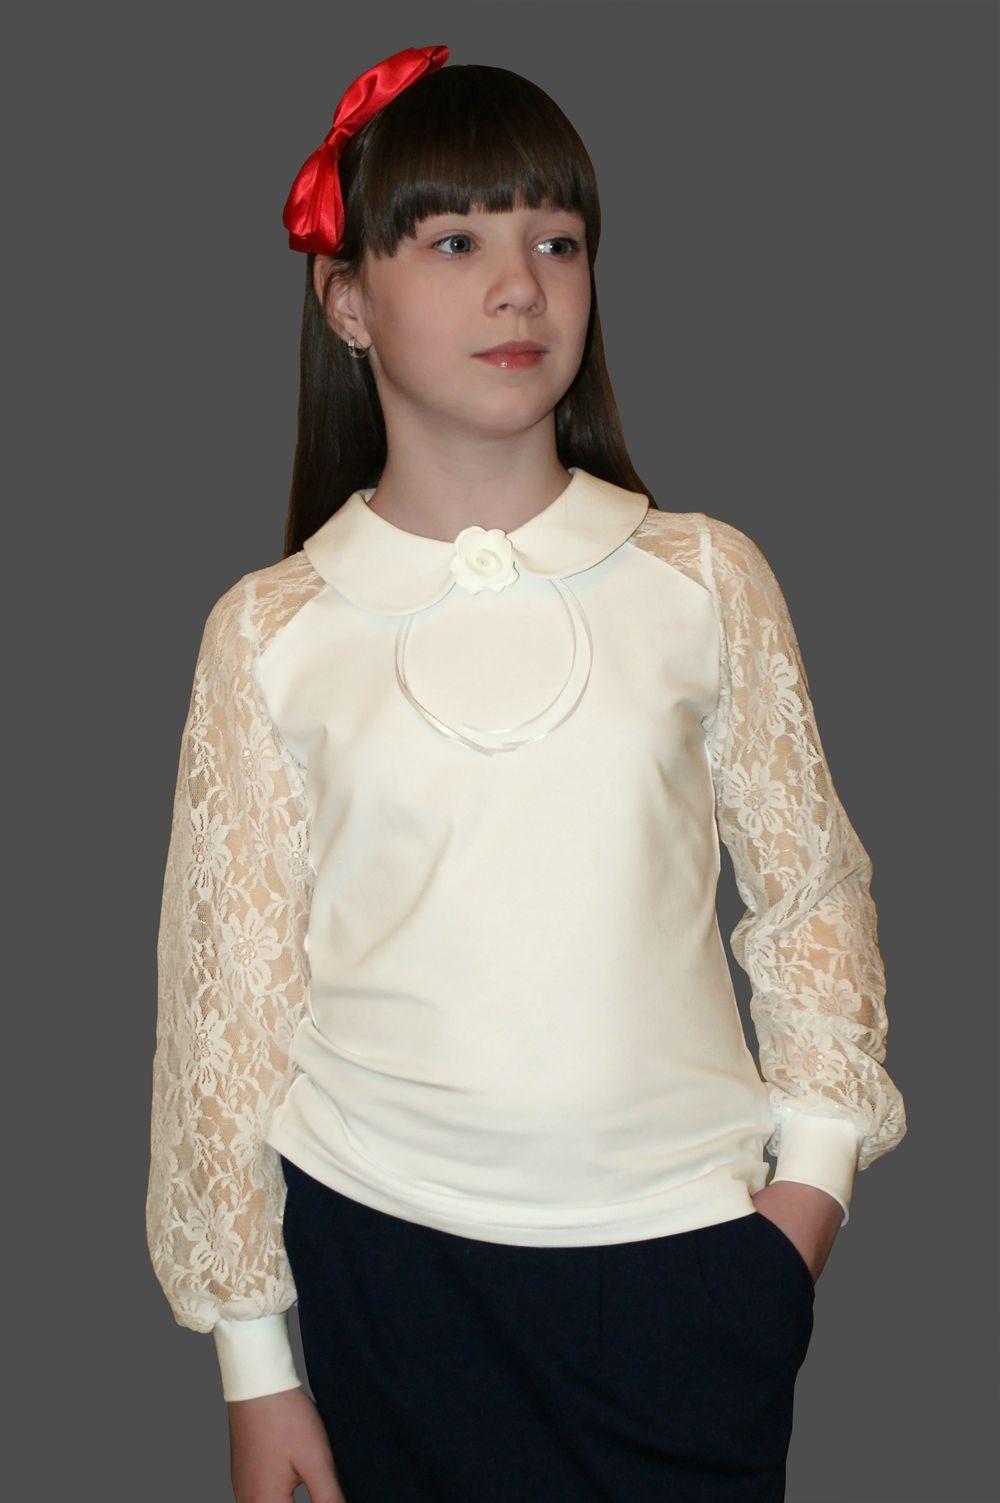 Сбор заказов-8. Нарядные школьные блузки и водолазки без рядов. Одежда для мальчиков. Акция -15%.